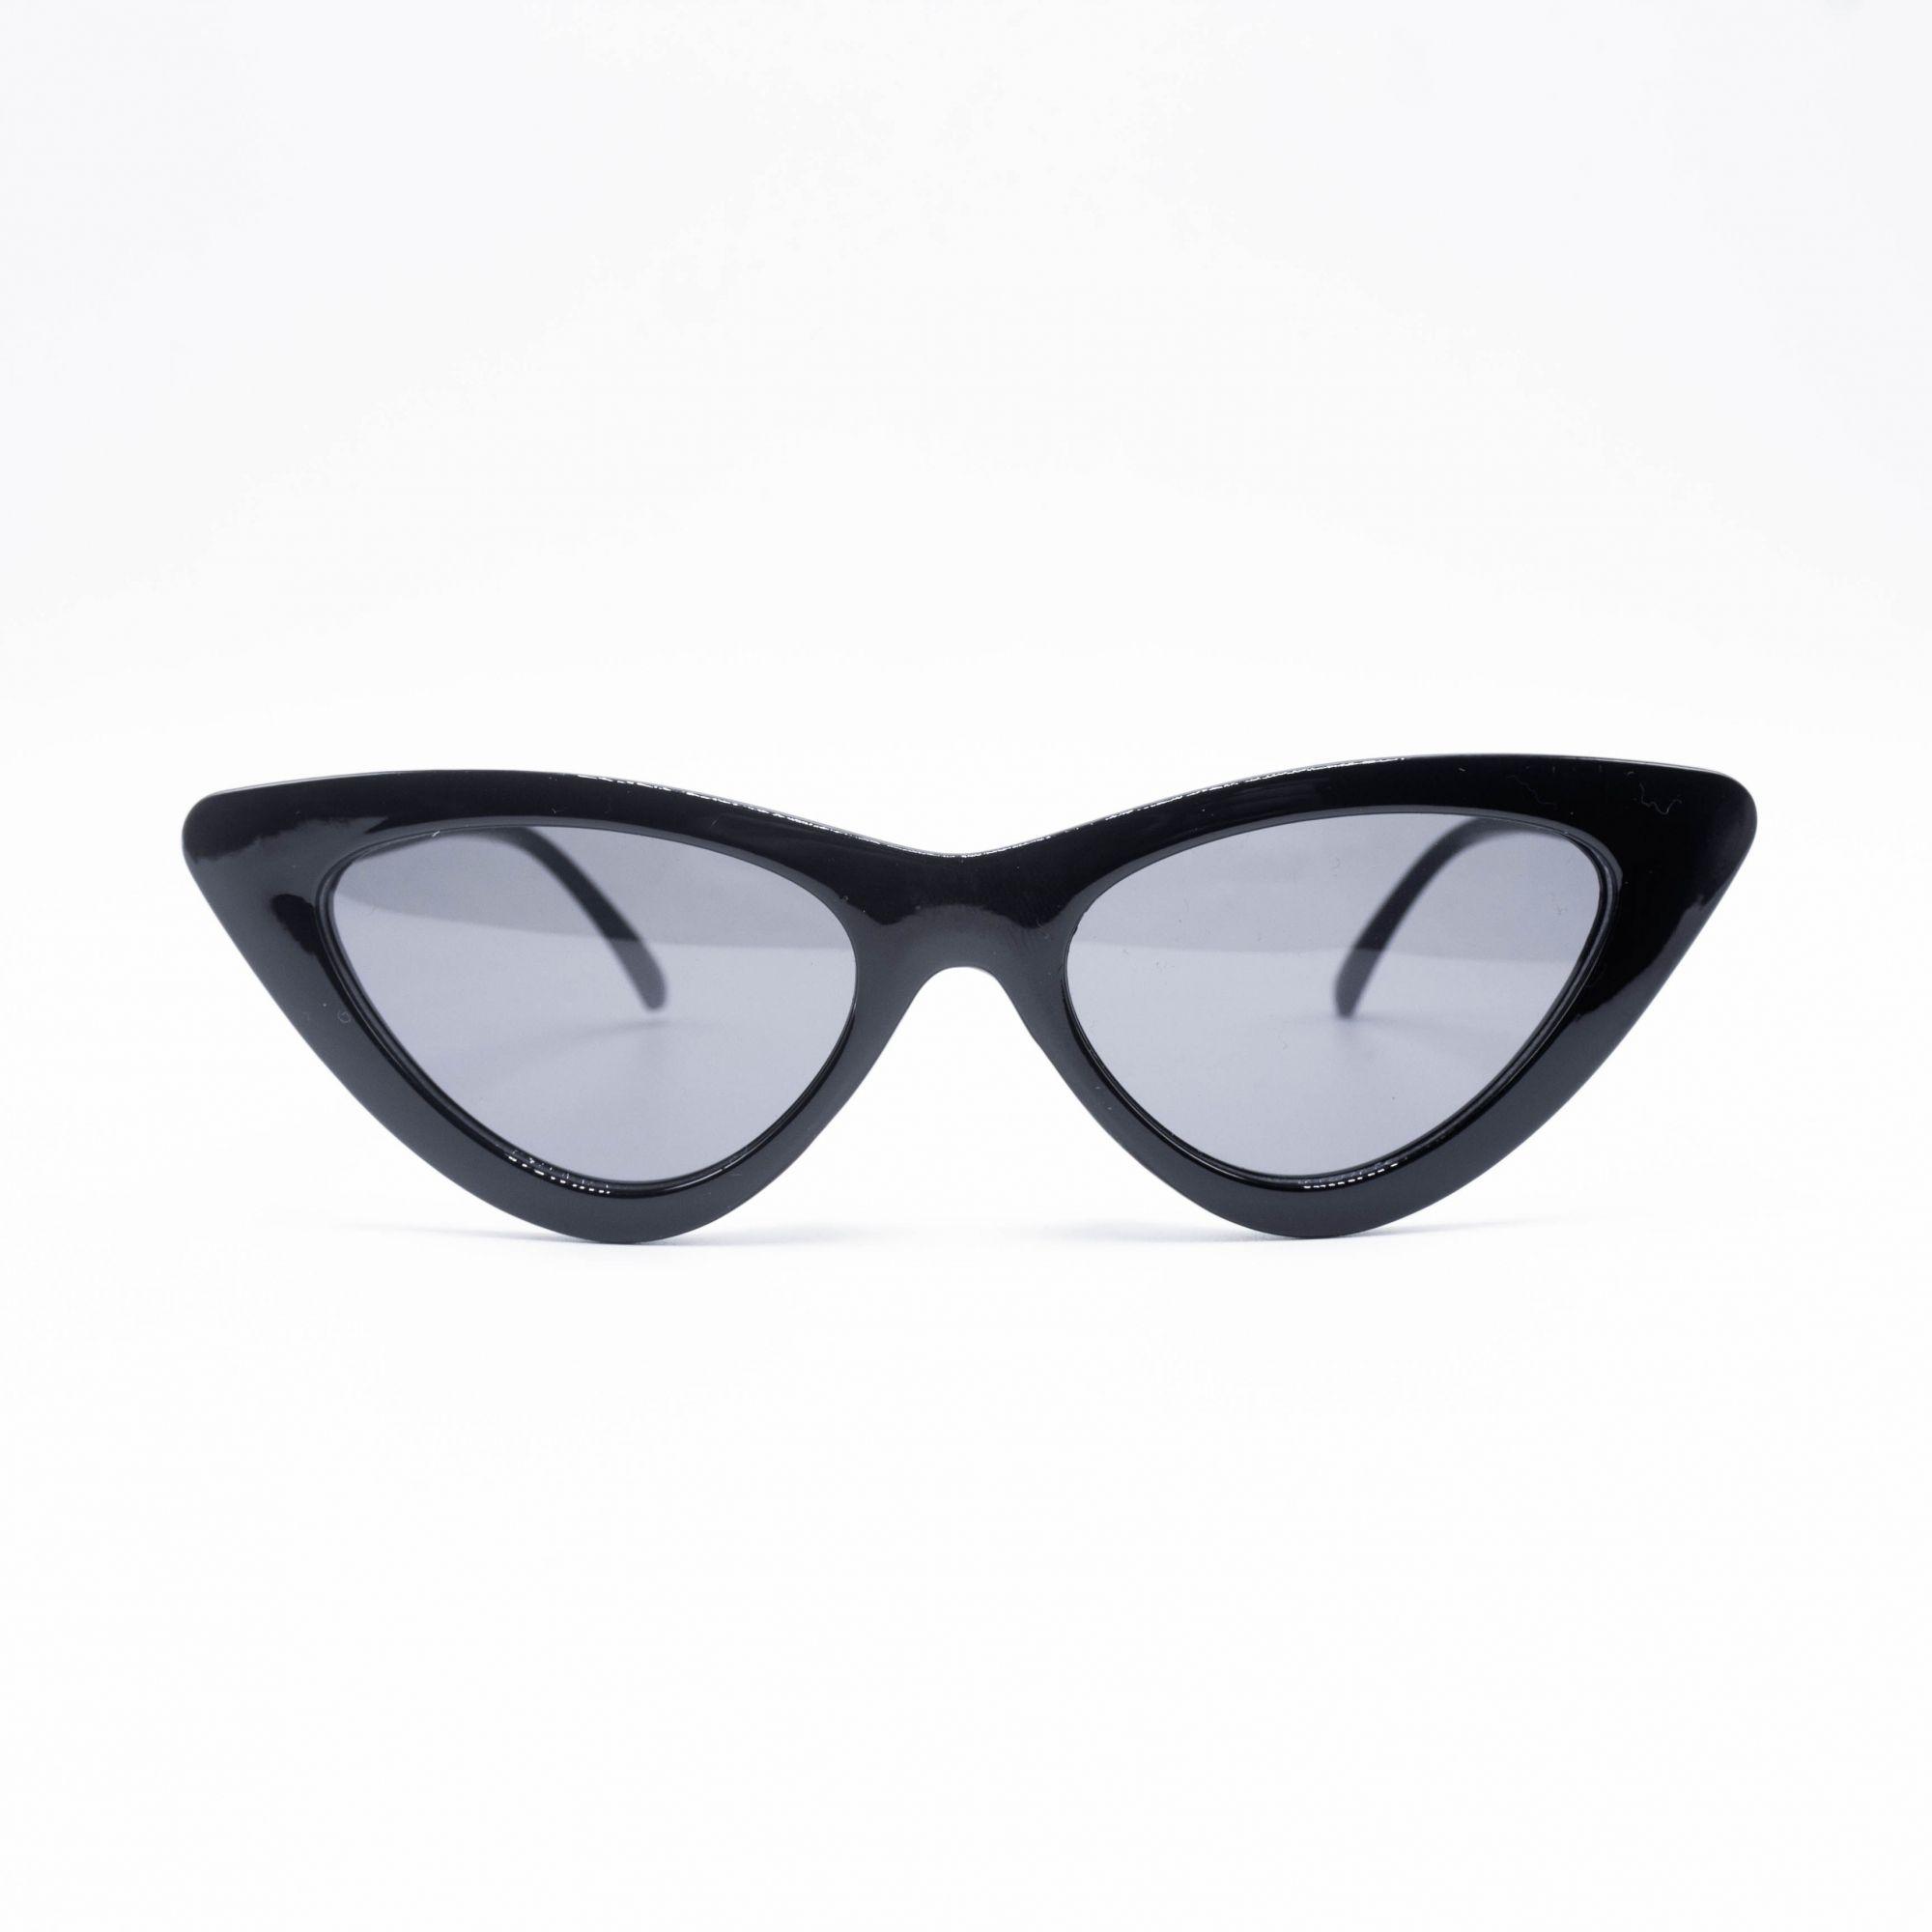 1d6ecf376ad06 Óculos Vintage